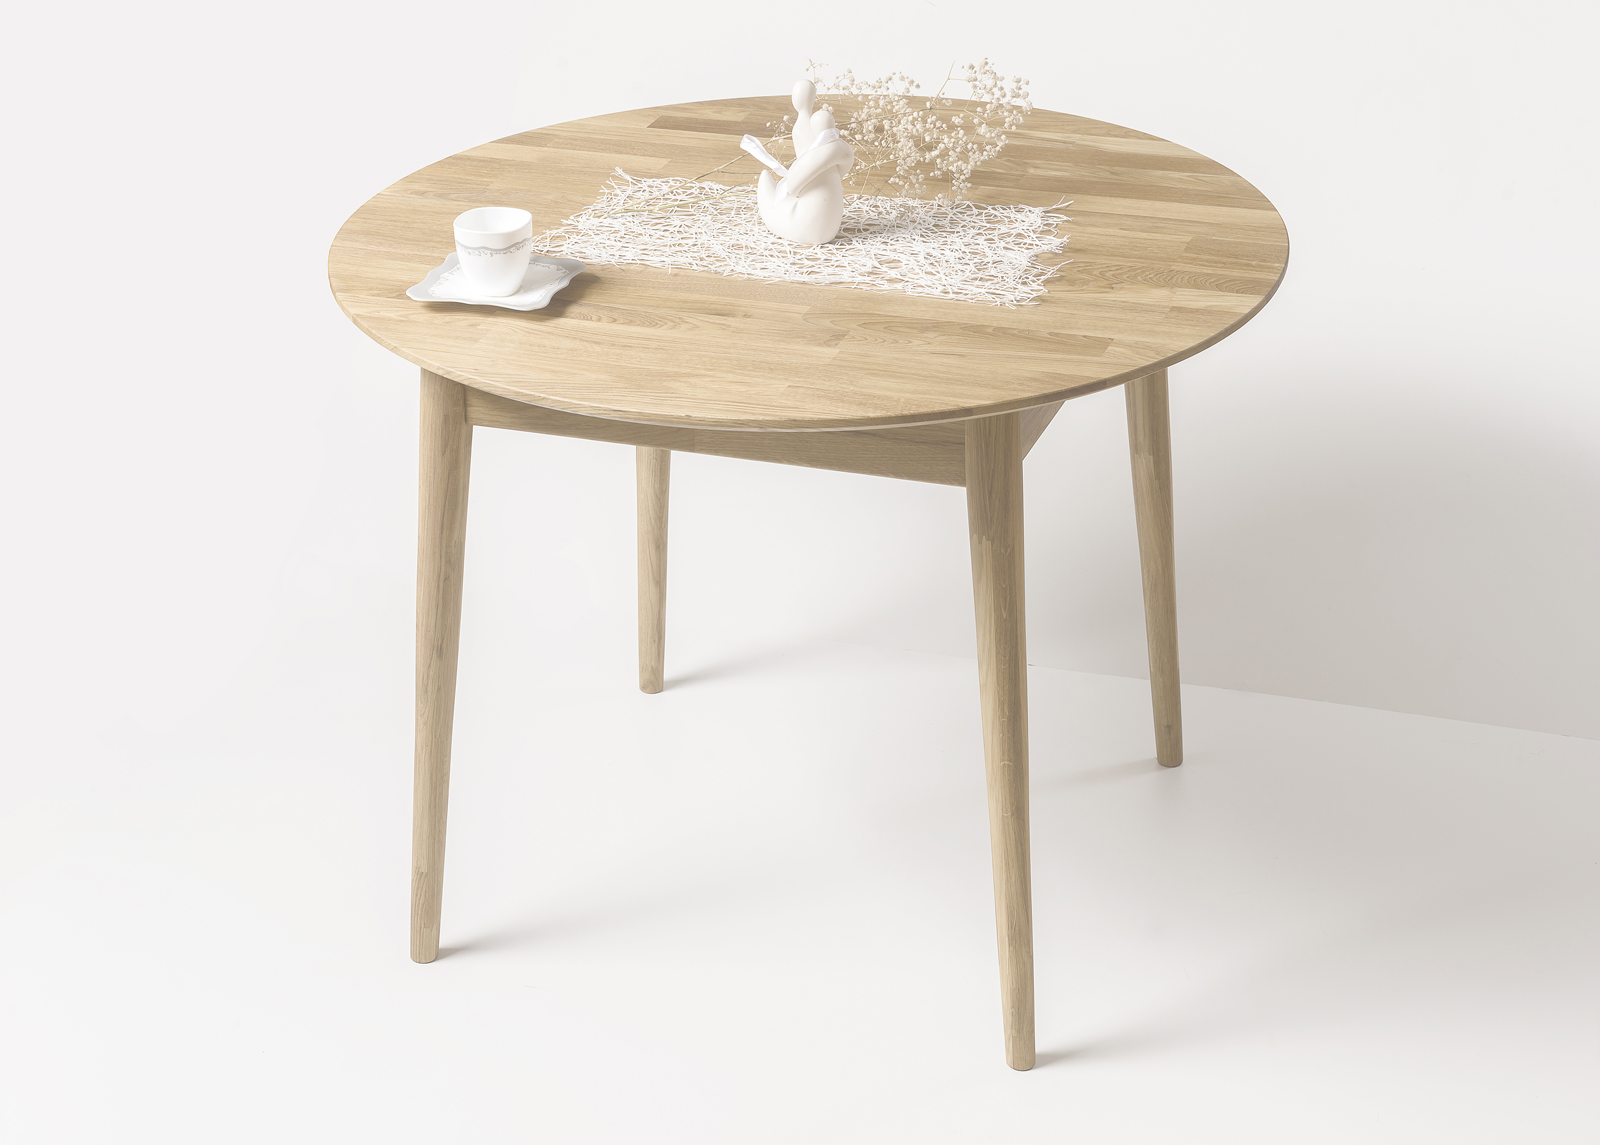 Tammi jatkettava ruokapöytä Scan 100/130x100 cm, valkoinen öljy